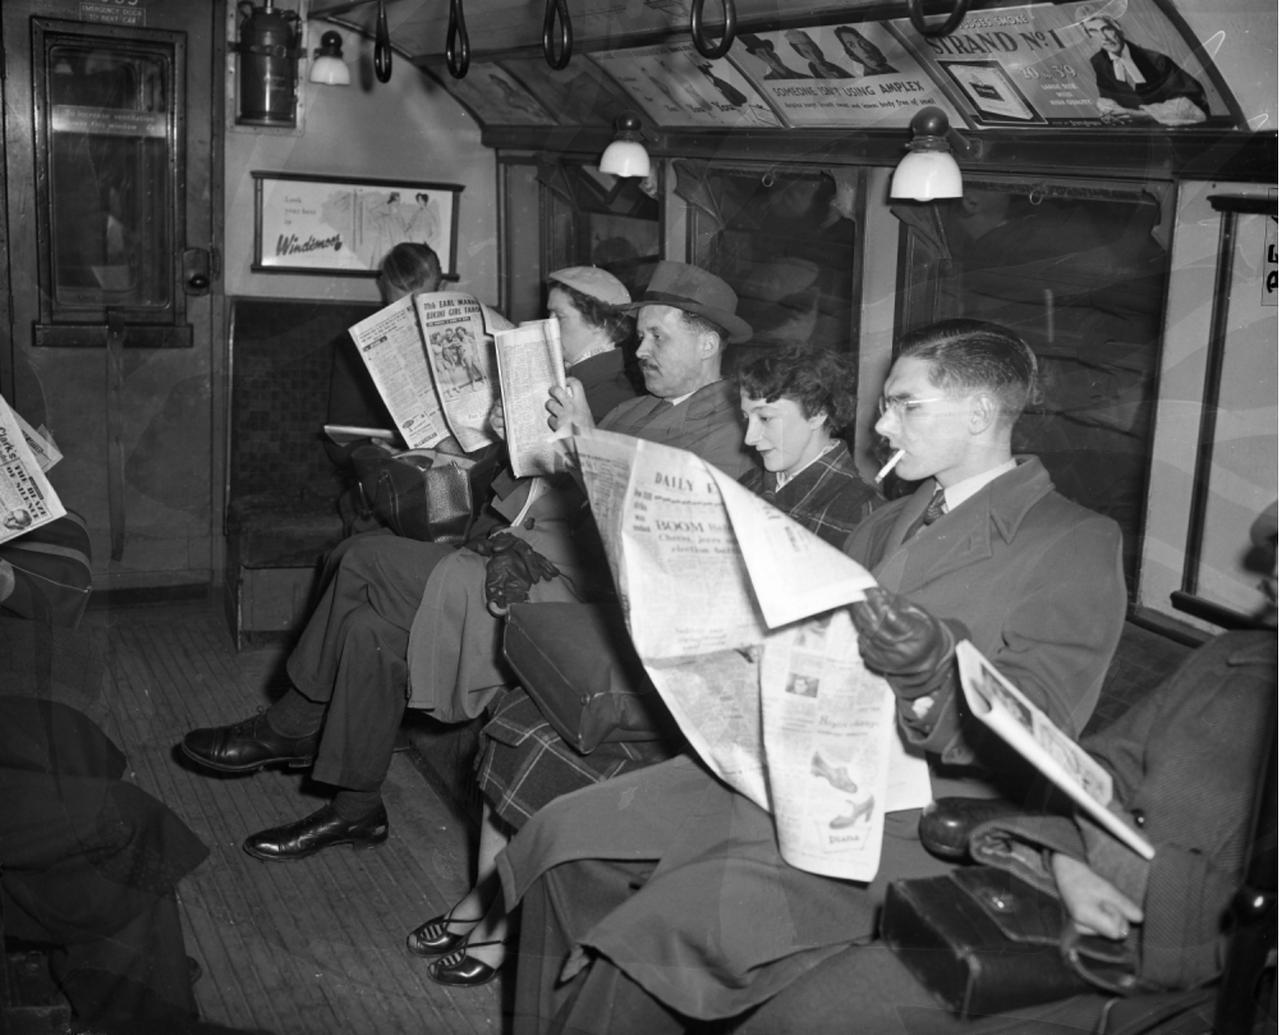 1955. Пассажиры Лондонского метро. 21 апреля